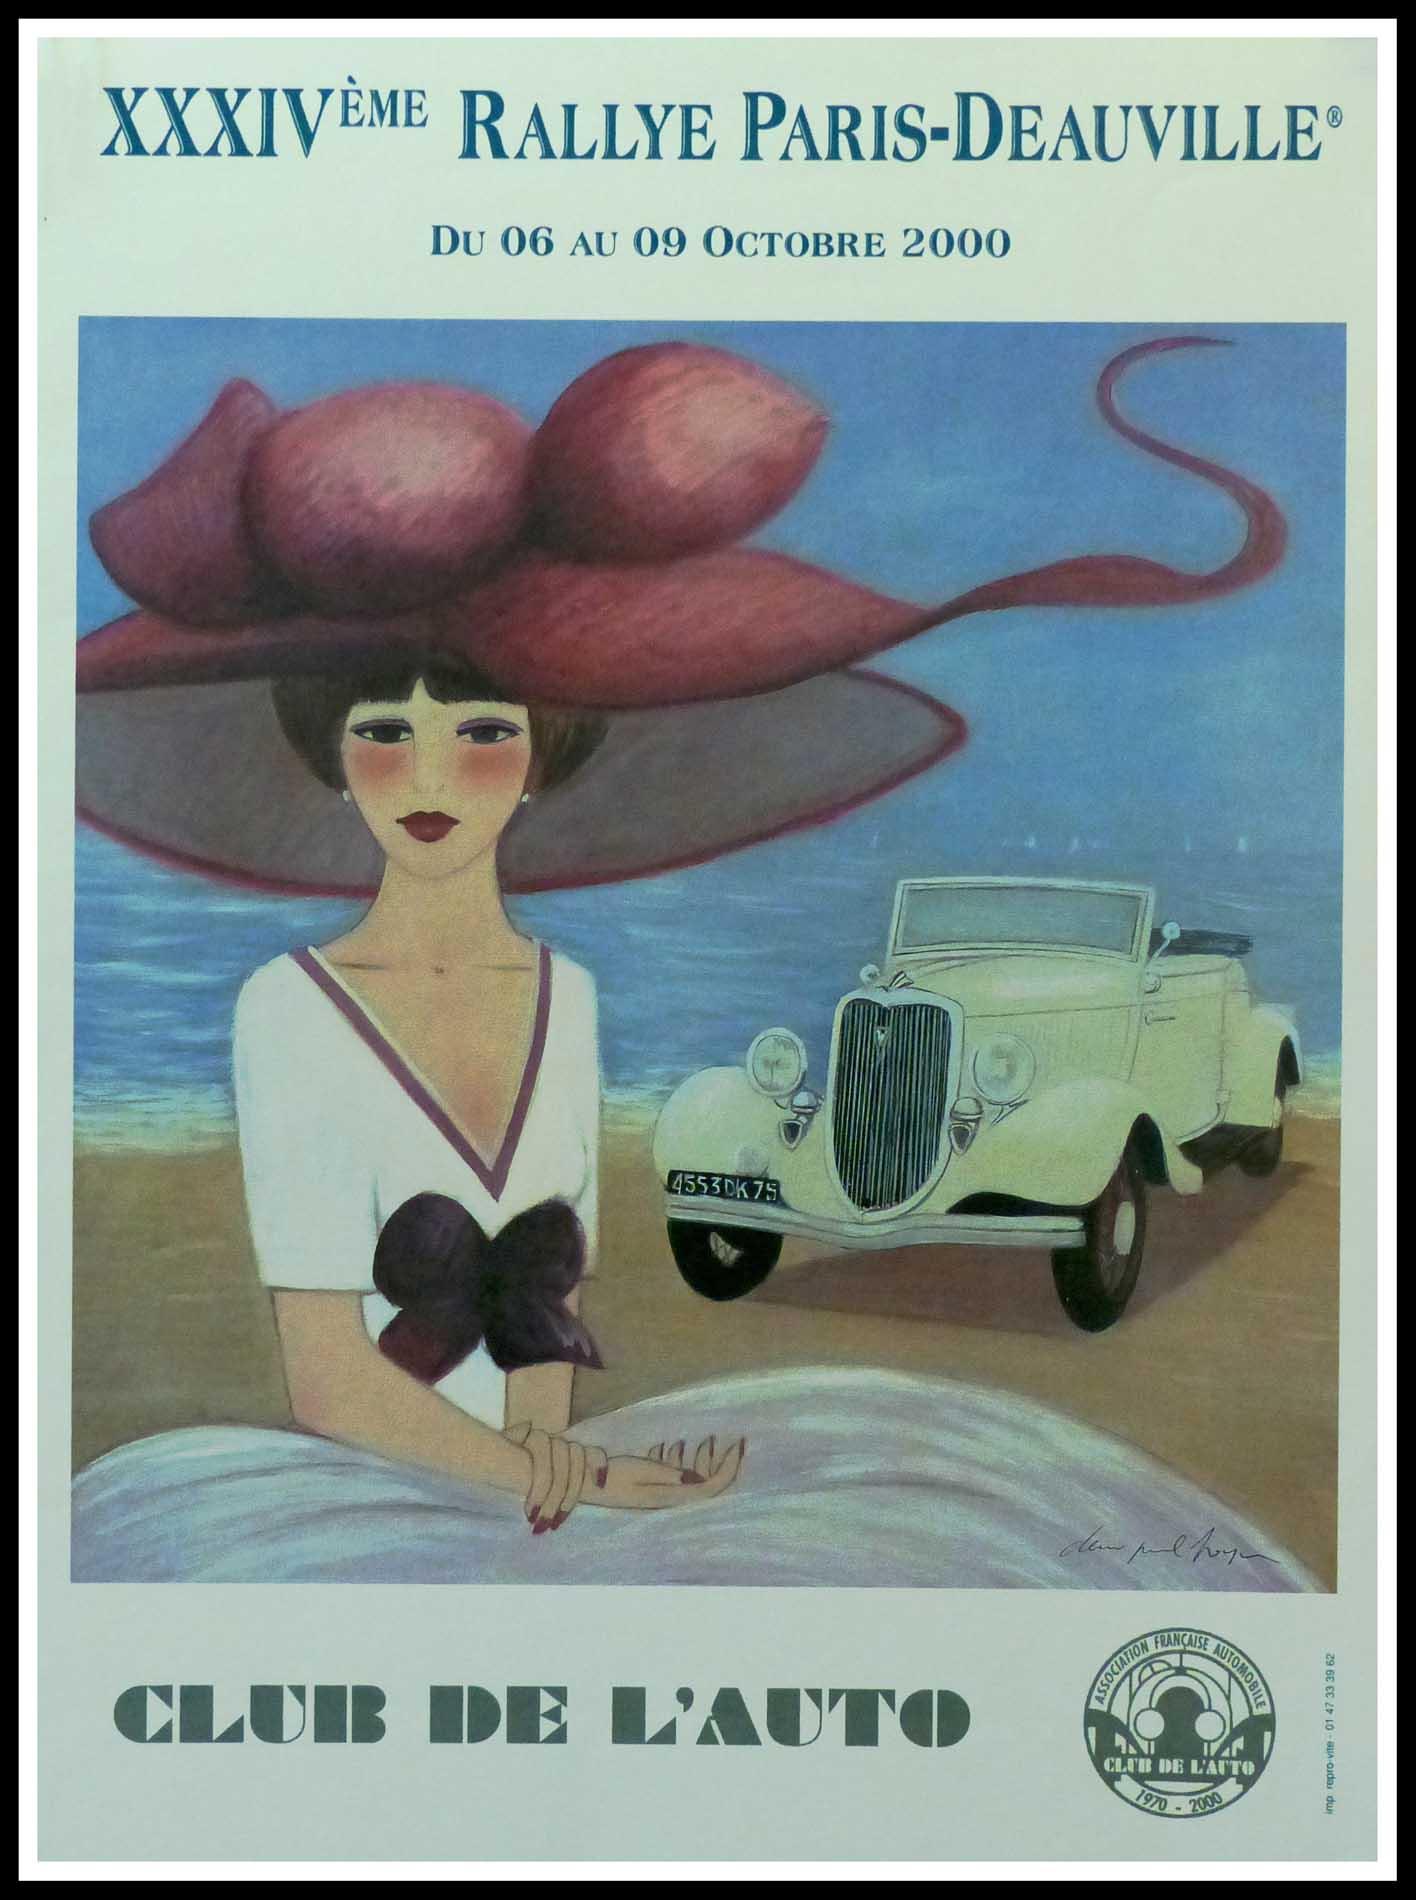 """(alt=""""Affiche originale XXXIVth Paris-Deauville 2000 Club de l'Auto signée dans la planche par D.P.Noyer et imprimée sur du papier Velin d'Arches par Repro vite"""")"""